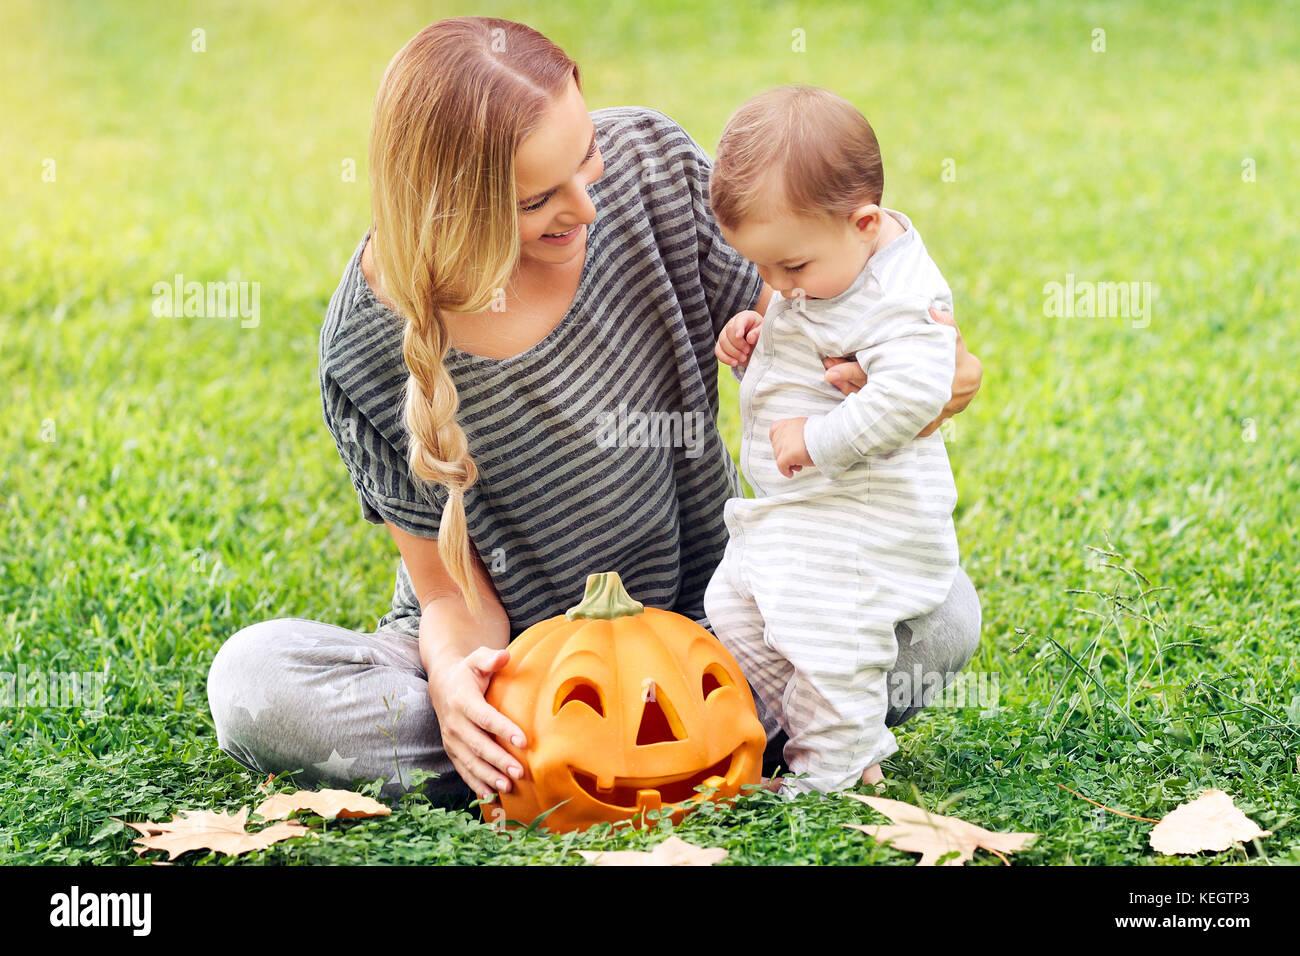 Famille heureuse célébrer Halloween en plein air, mère avec mignon bébé Garçon jouant Photo Stock